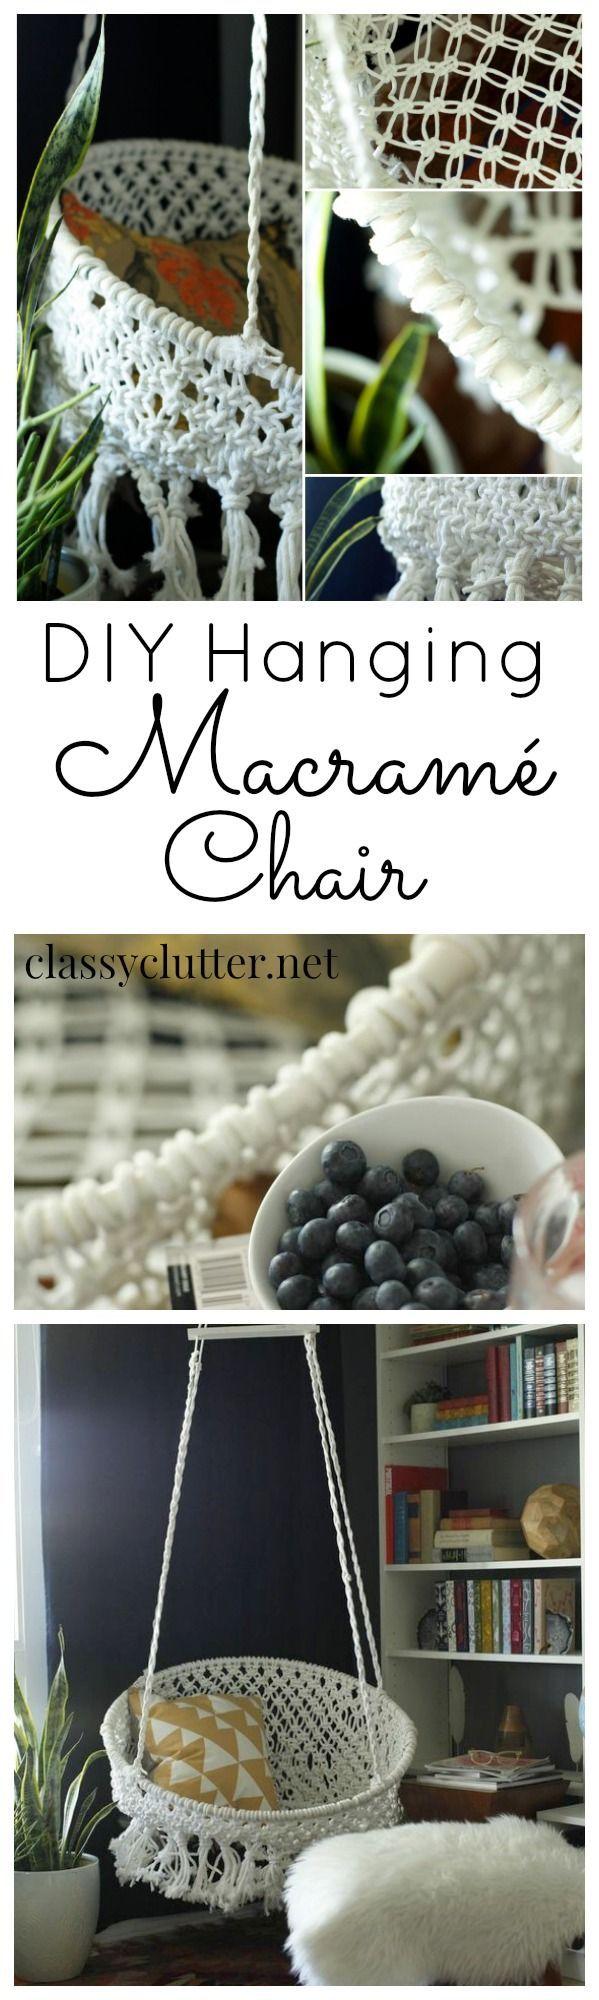 #DIY Home Decor Idea - Hanging Macrame Chair from ClassyClutter.net